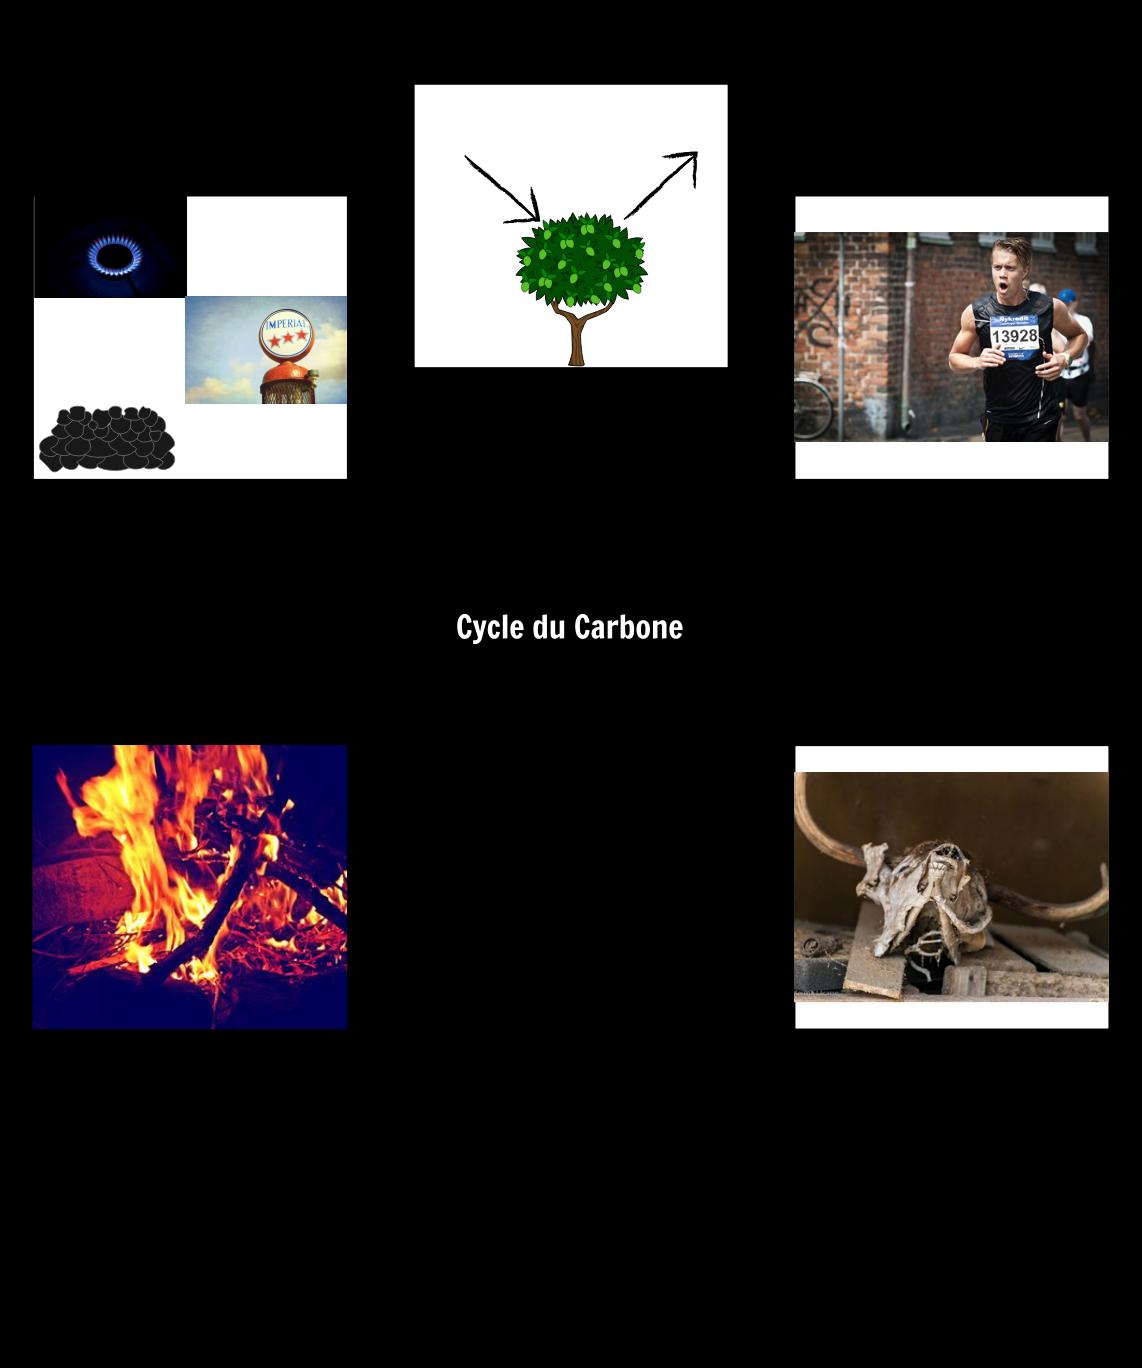 Le Vocabulaire du Cycle du Carbone